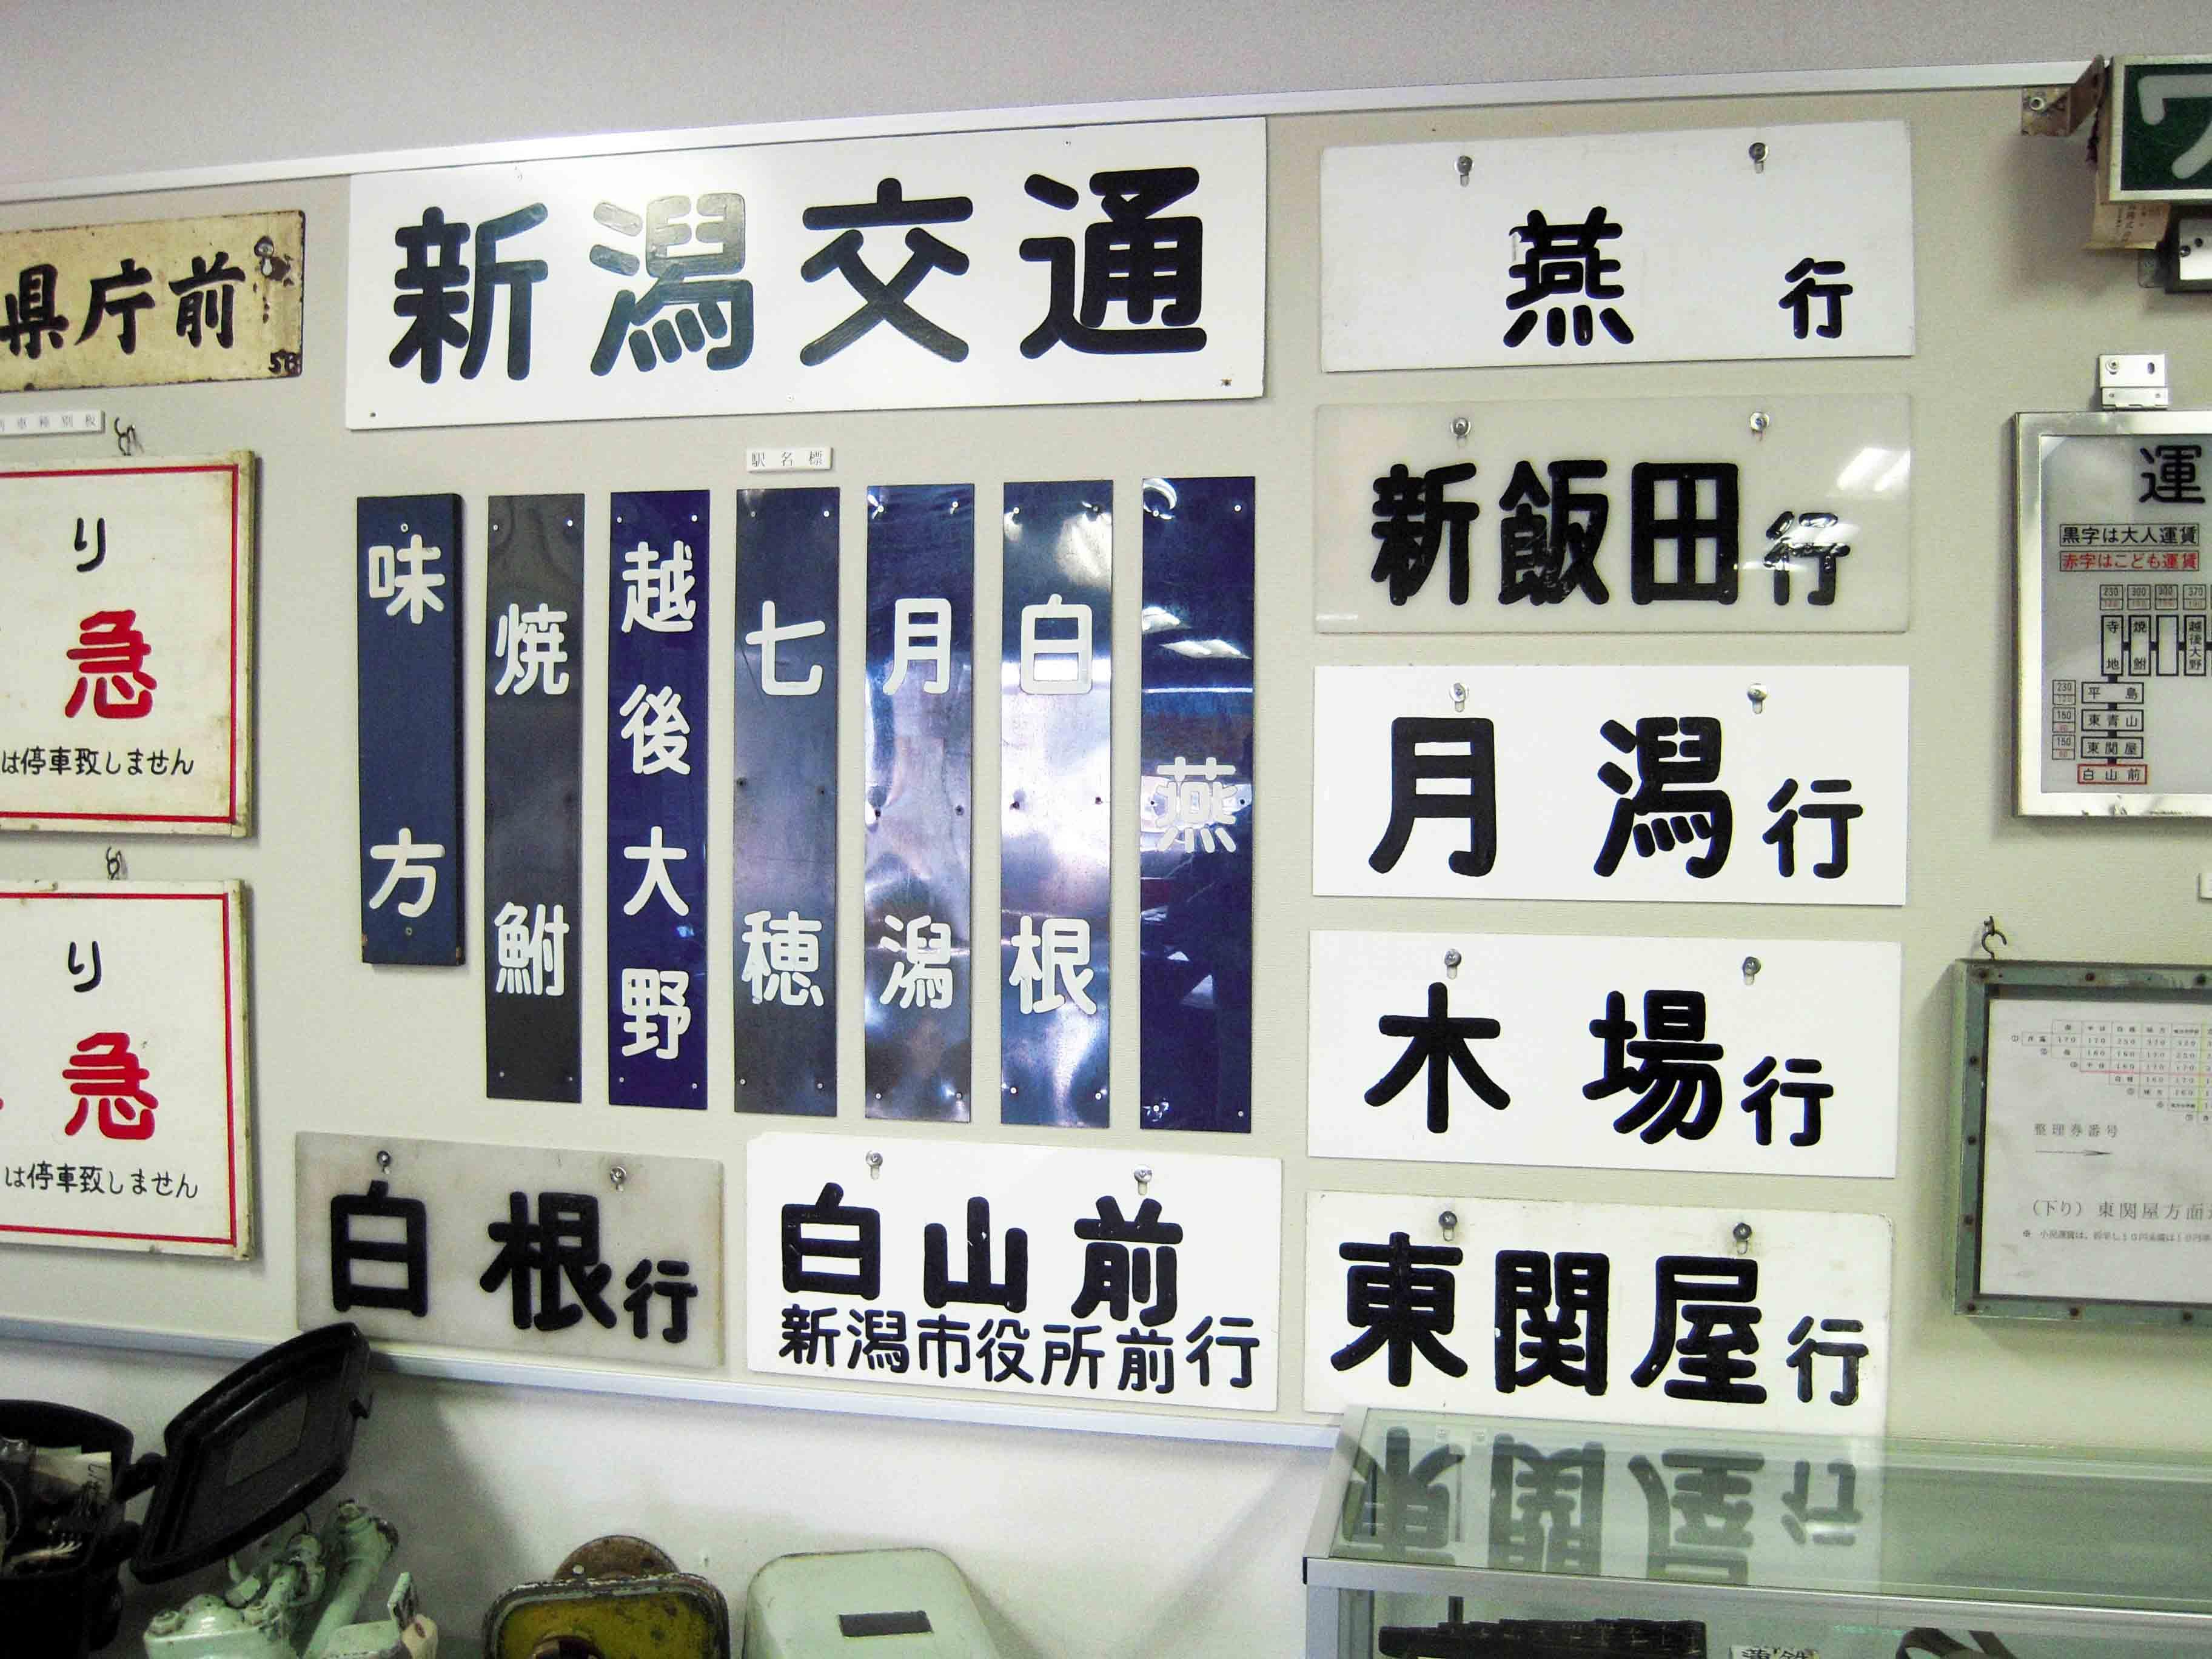 日本は丸ゴシックの宝庫(2)・鉄道編_e0175918_339291.jpg